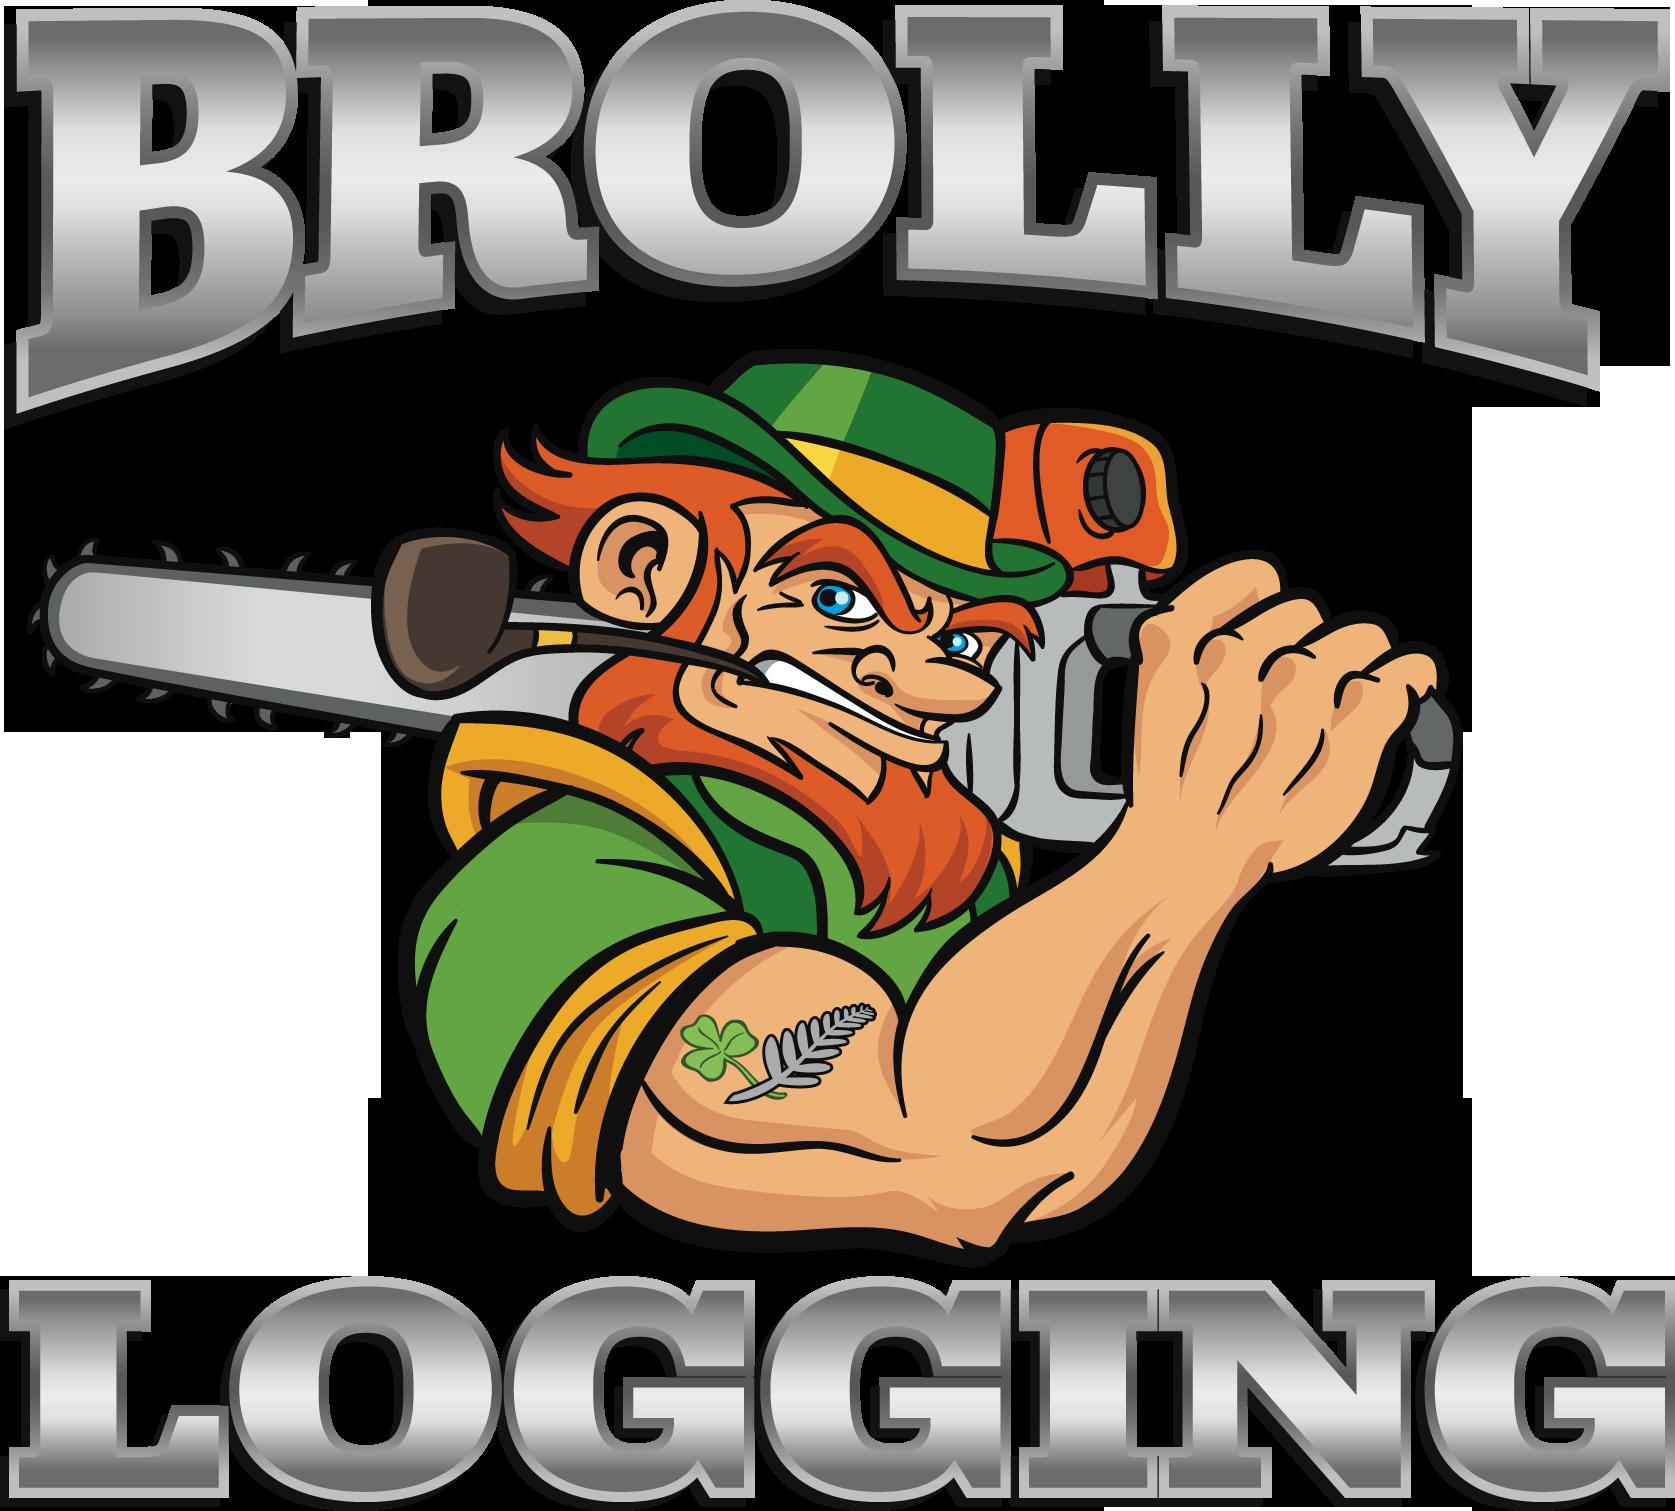 Brolly Logging